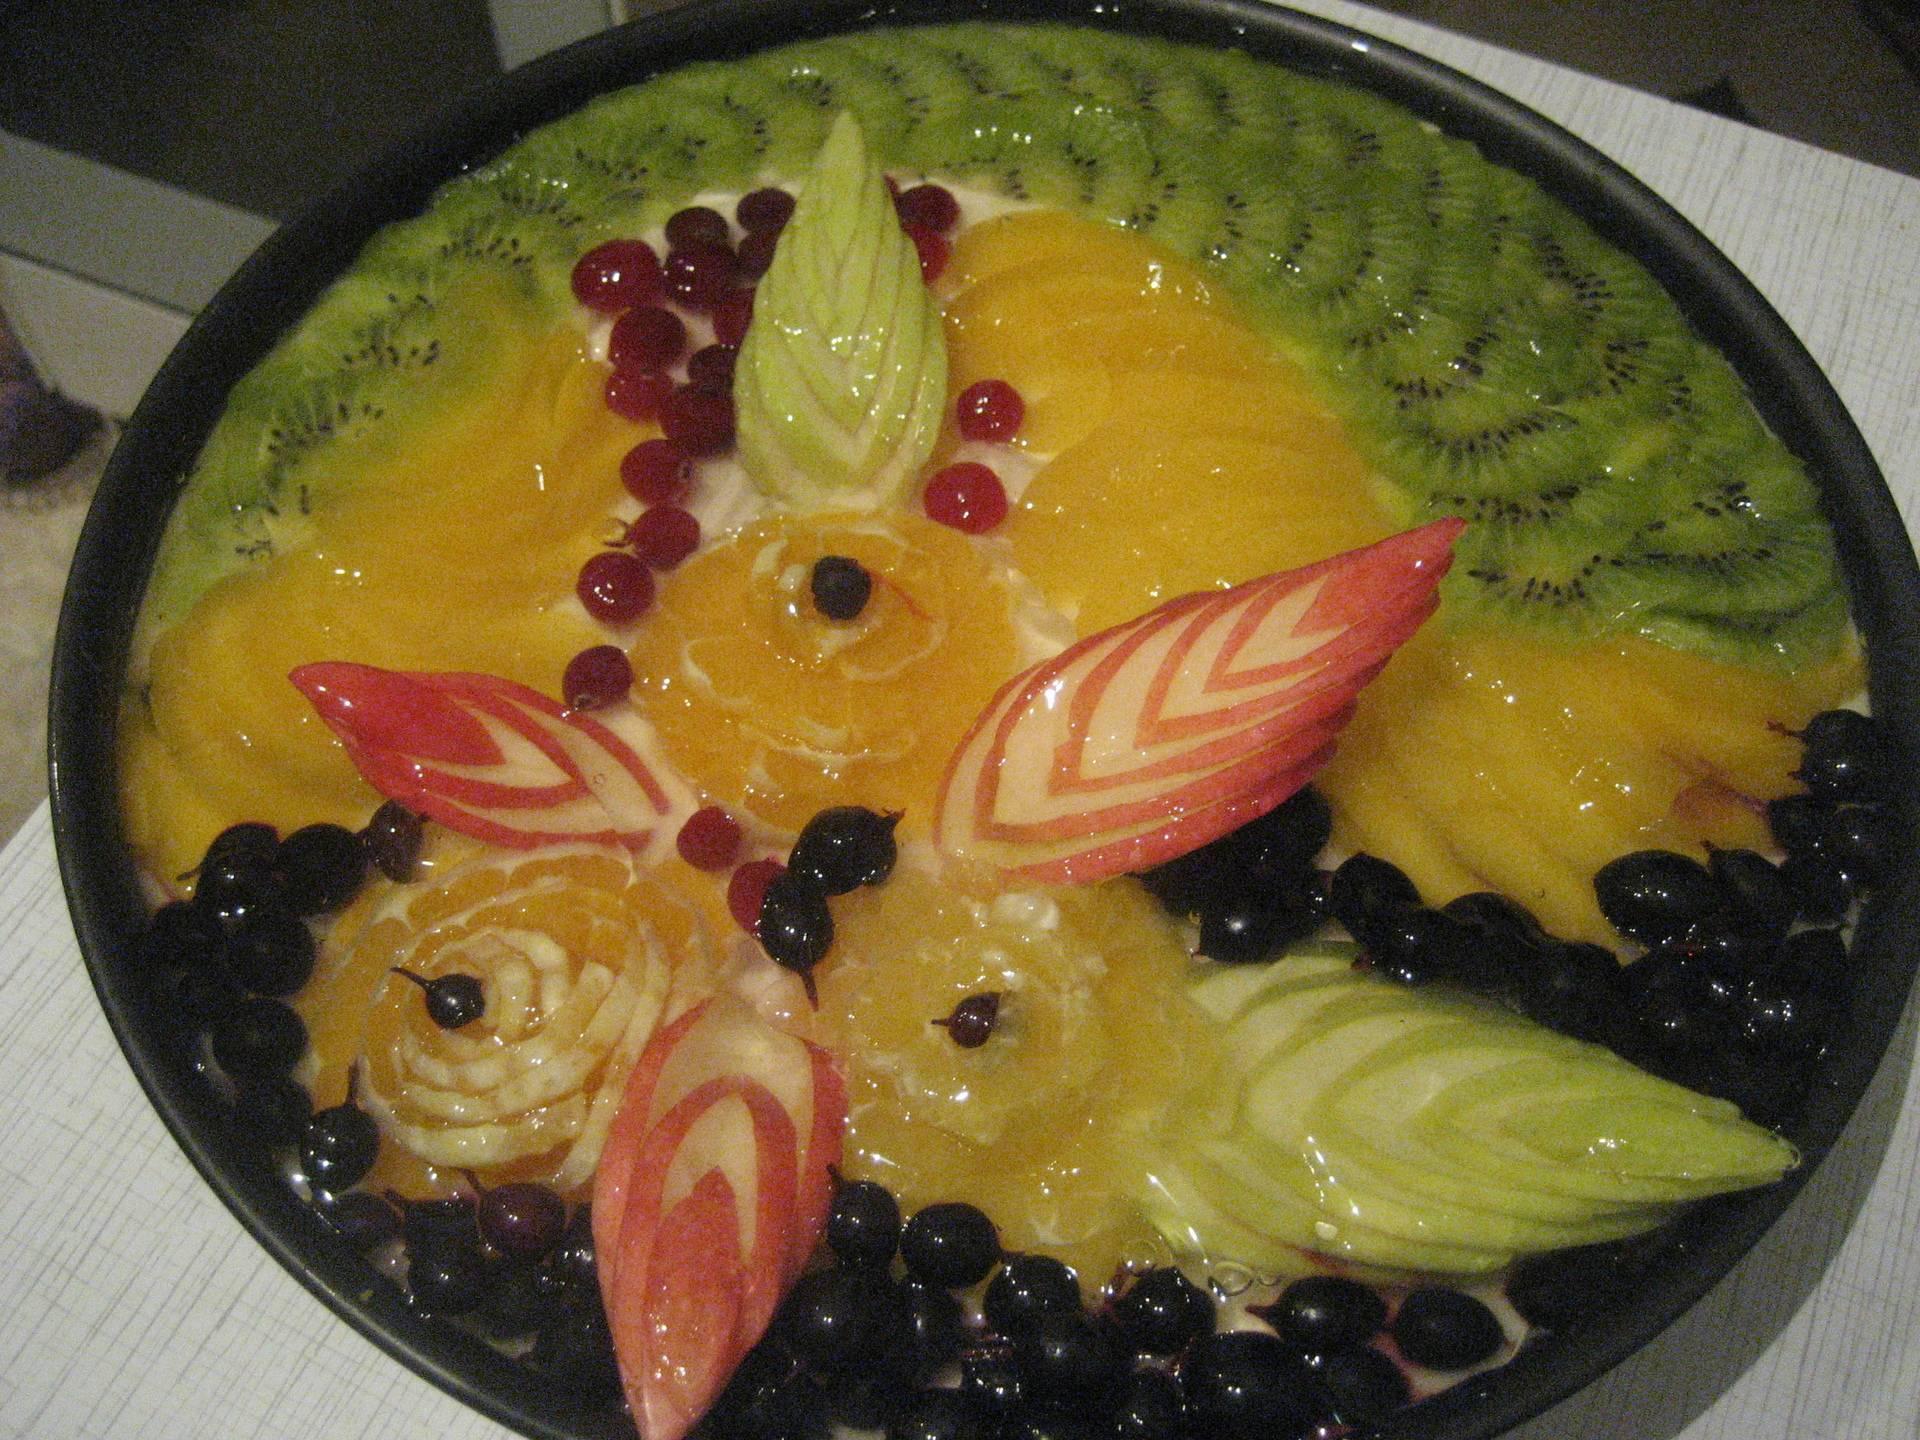 Как украсить торт фруктами своими руками: способы